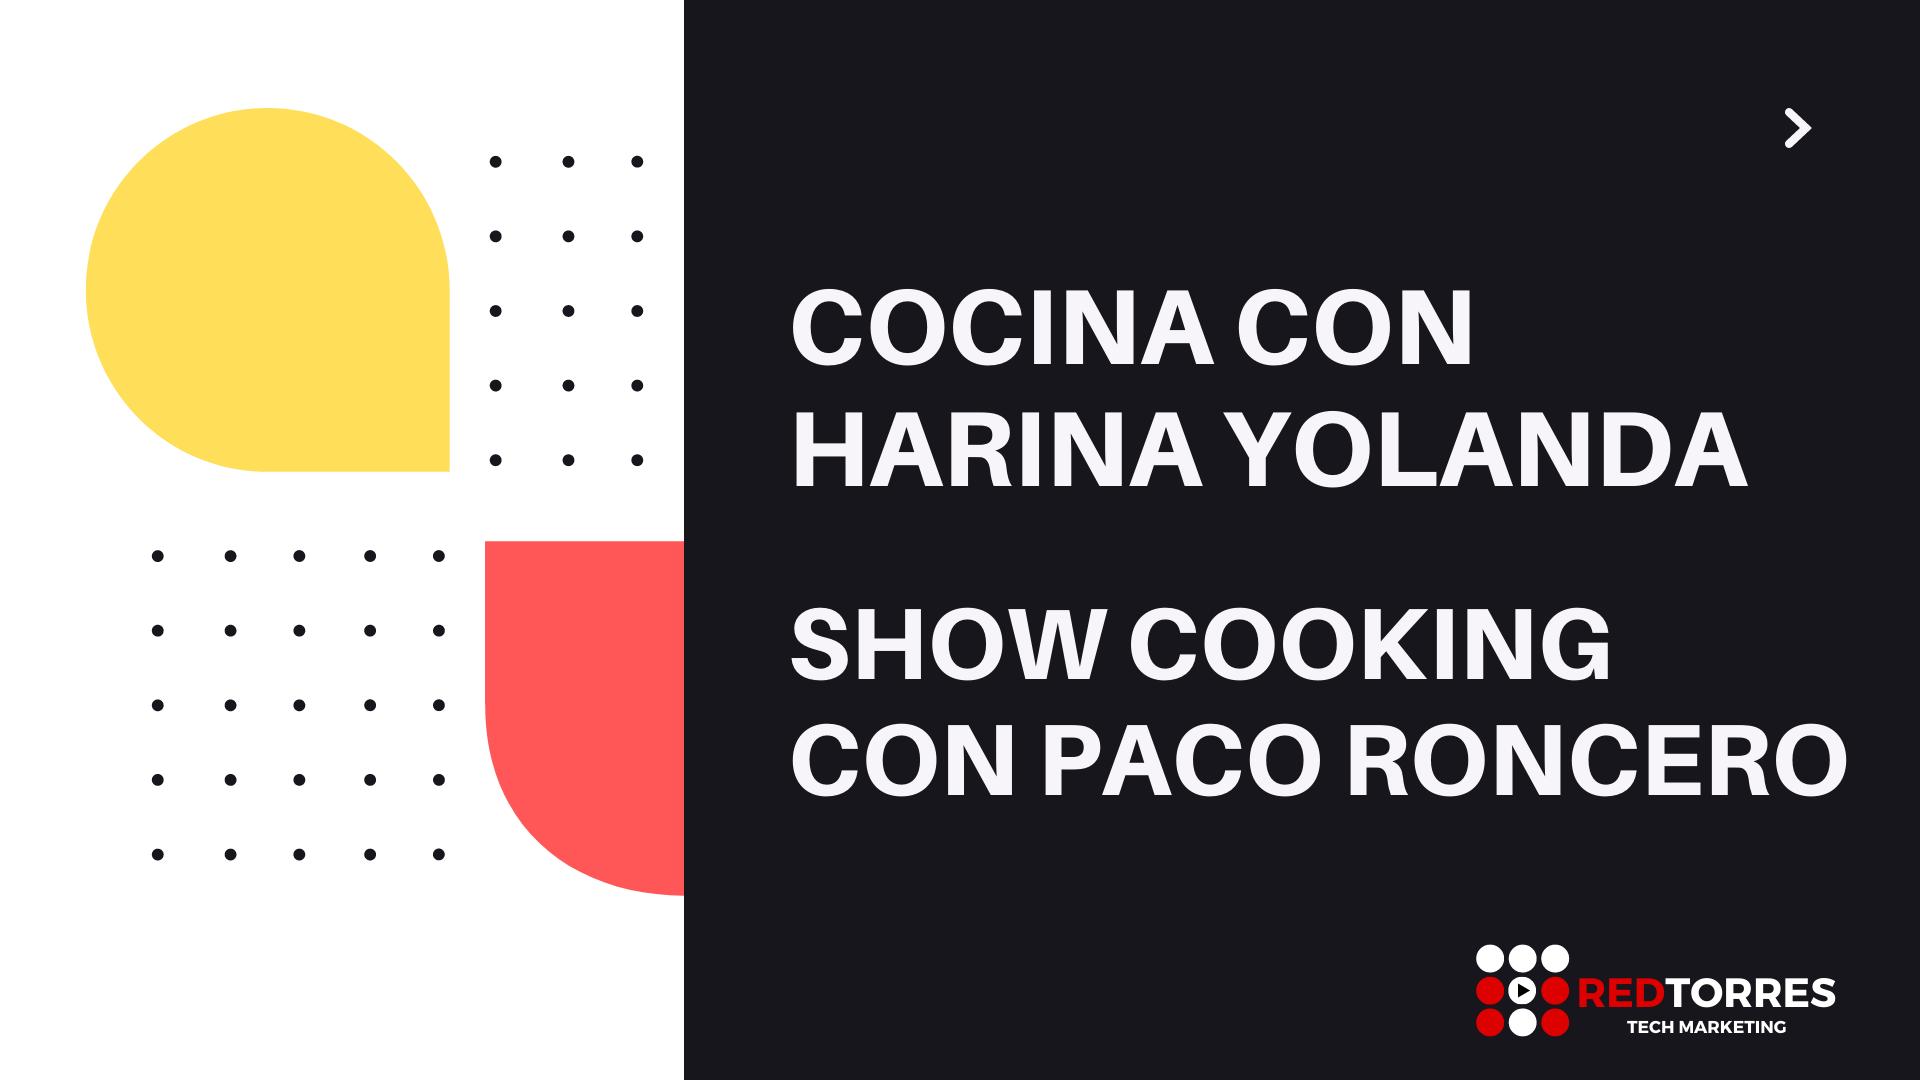 Video Showcooking y Recetas Paco Roncero para Harina Yolanda | REDTORRES